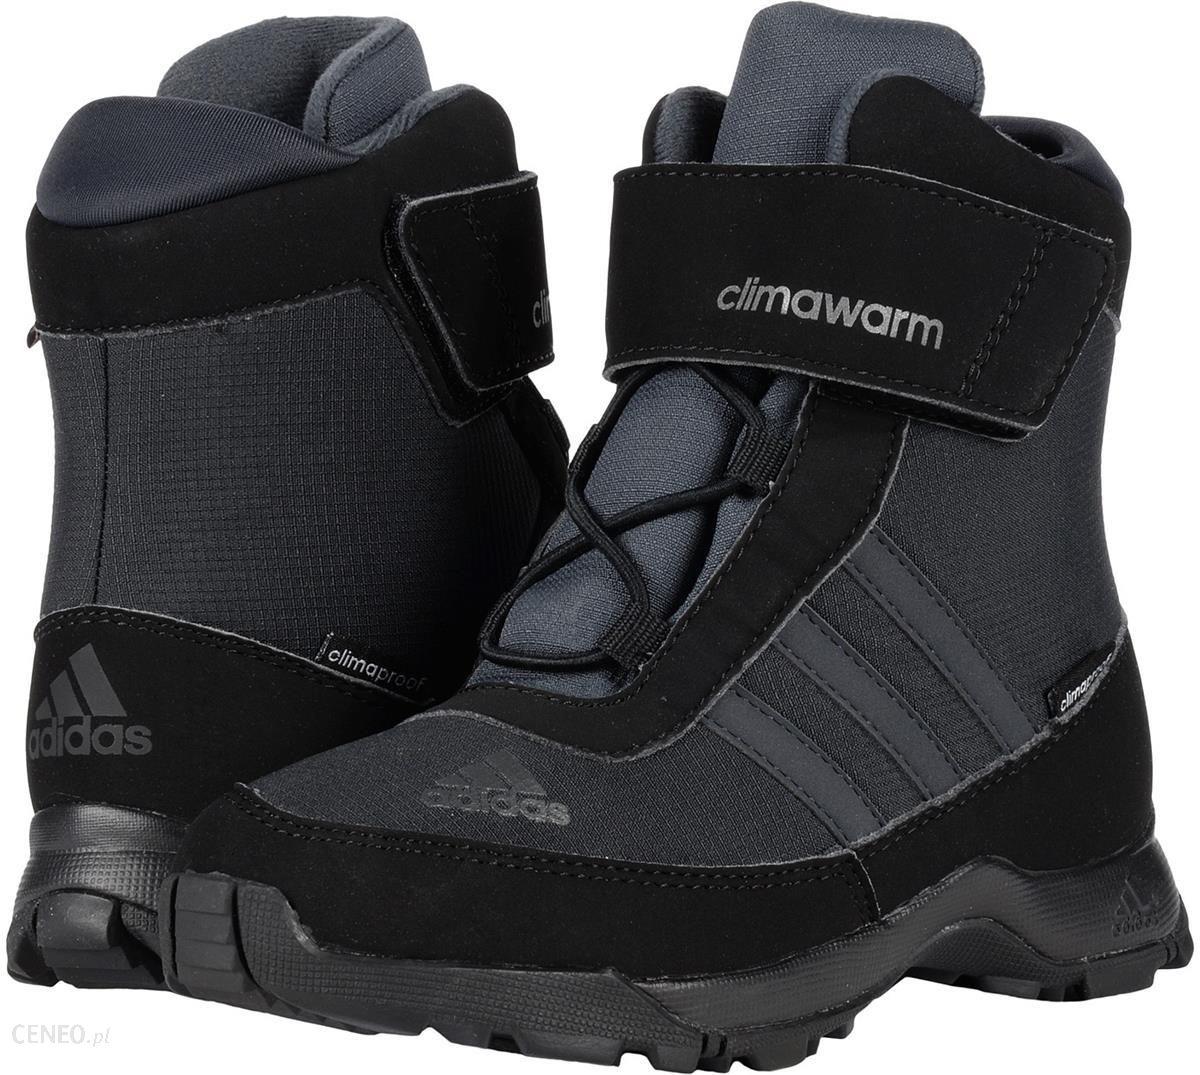 87e90360556b0f Buty zimowe Adidas CW Adisnow CF CP k B33214 35 - Ceny i opinie ...